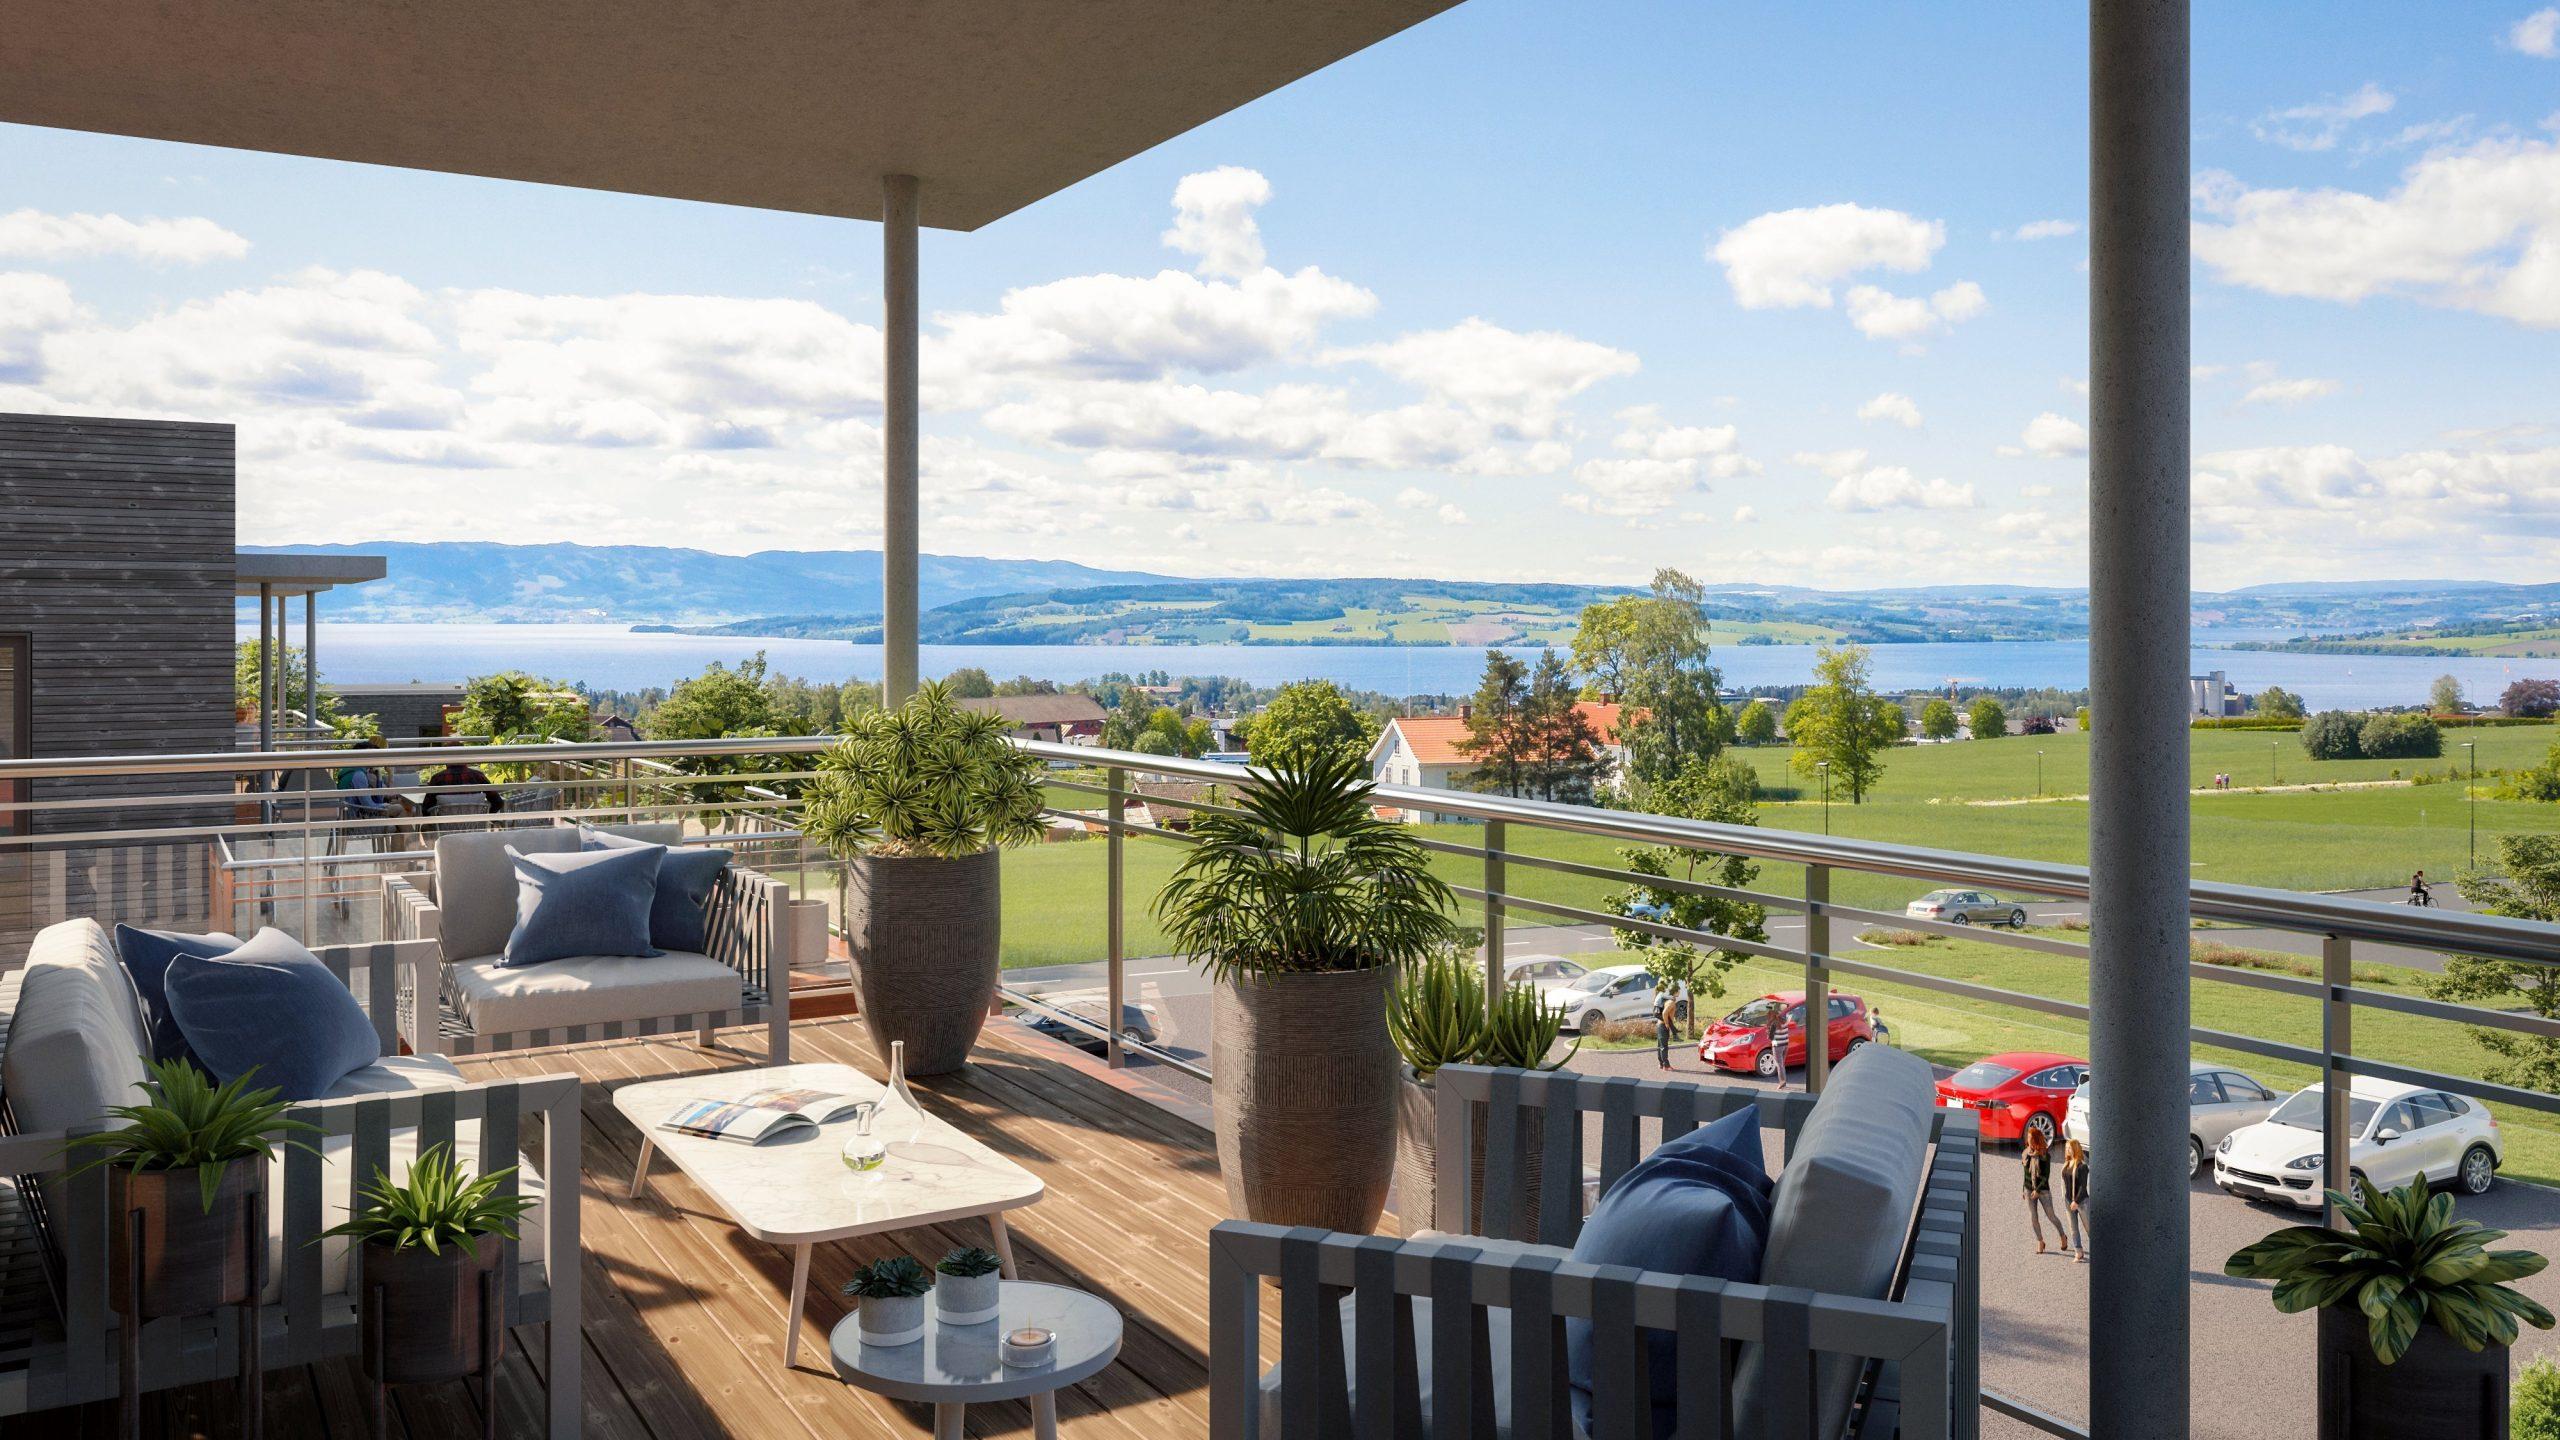 Illustrasjon av veranda med utsikt mot grønne områder med Mjøsa i bakgrunnen